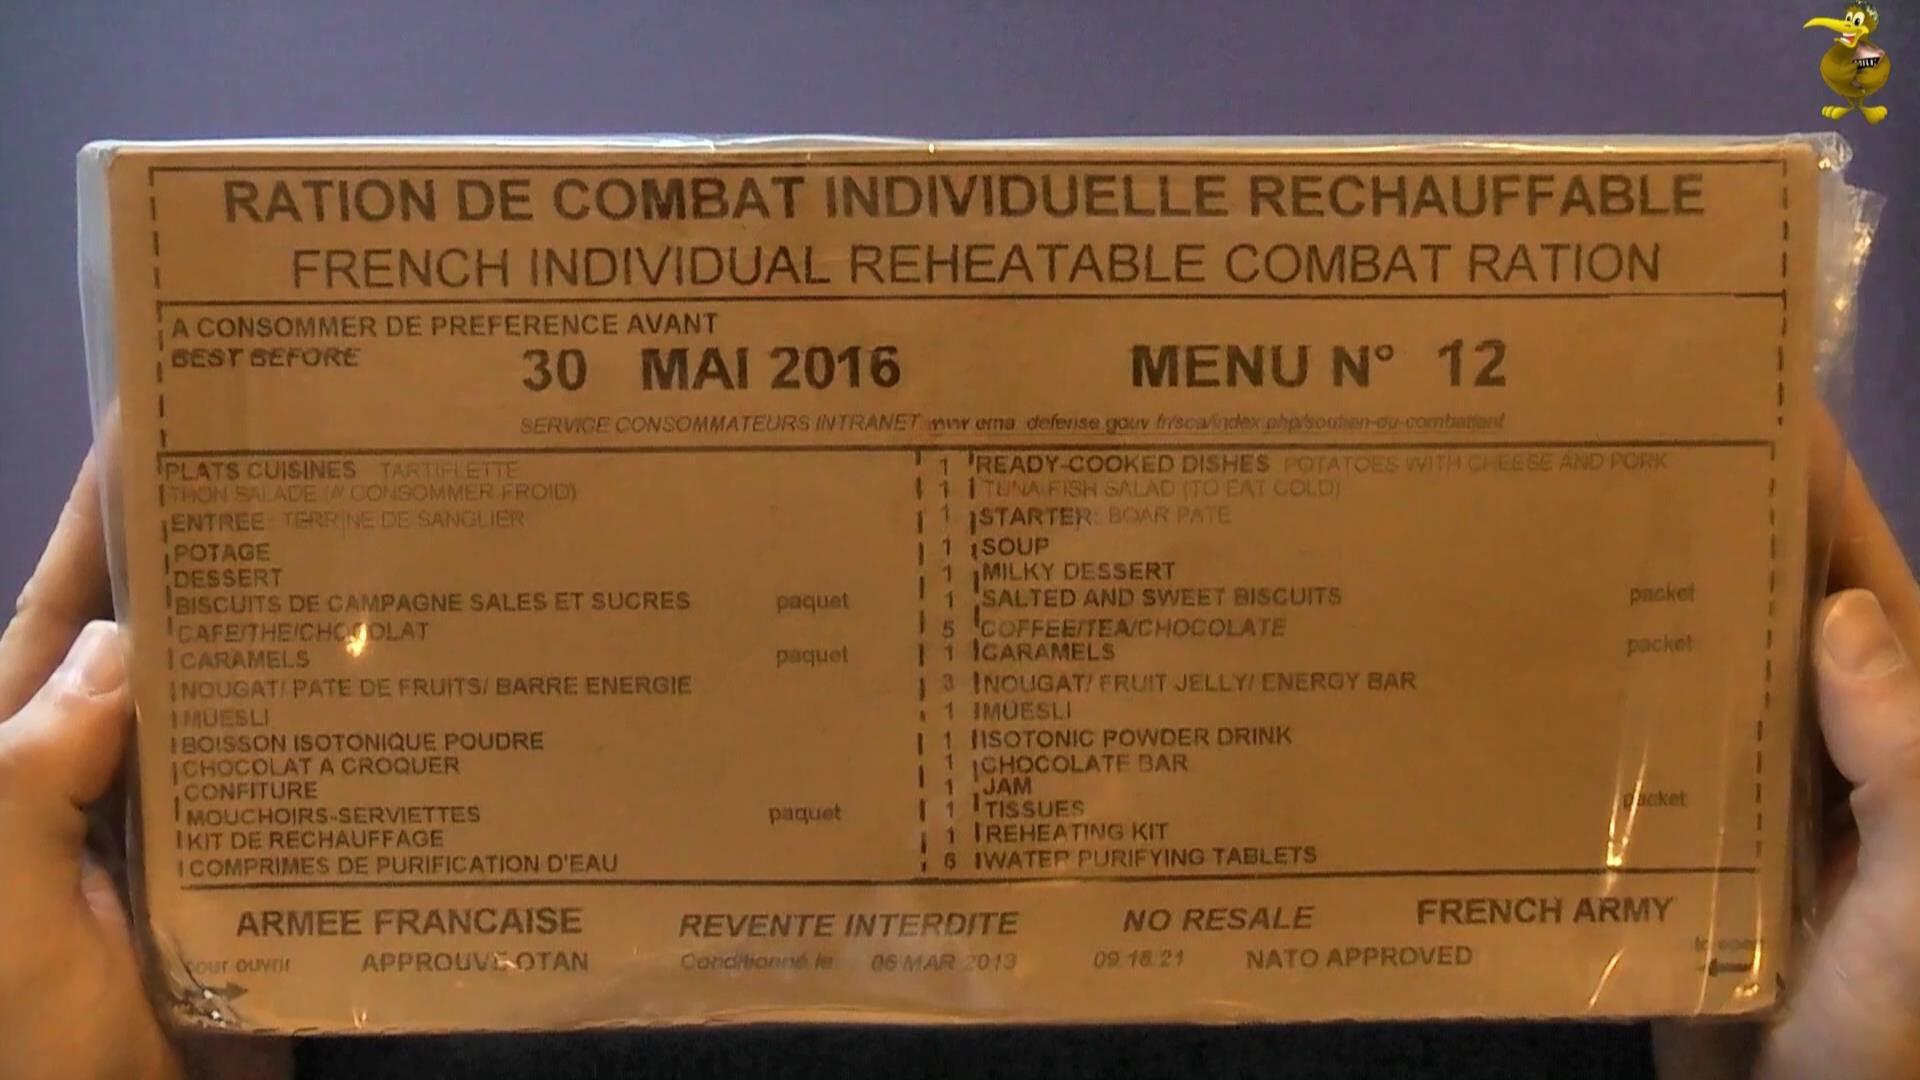 RCIR de l'Armée Française